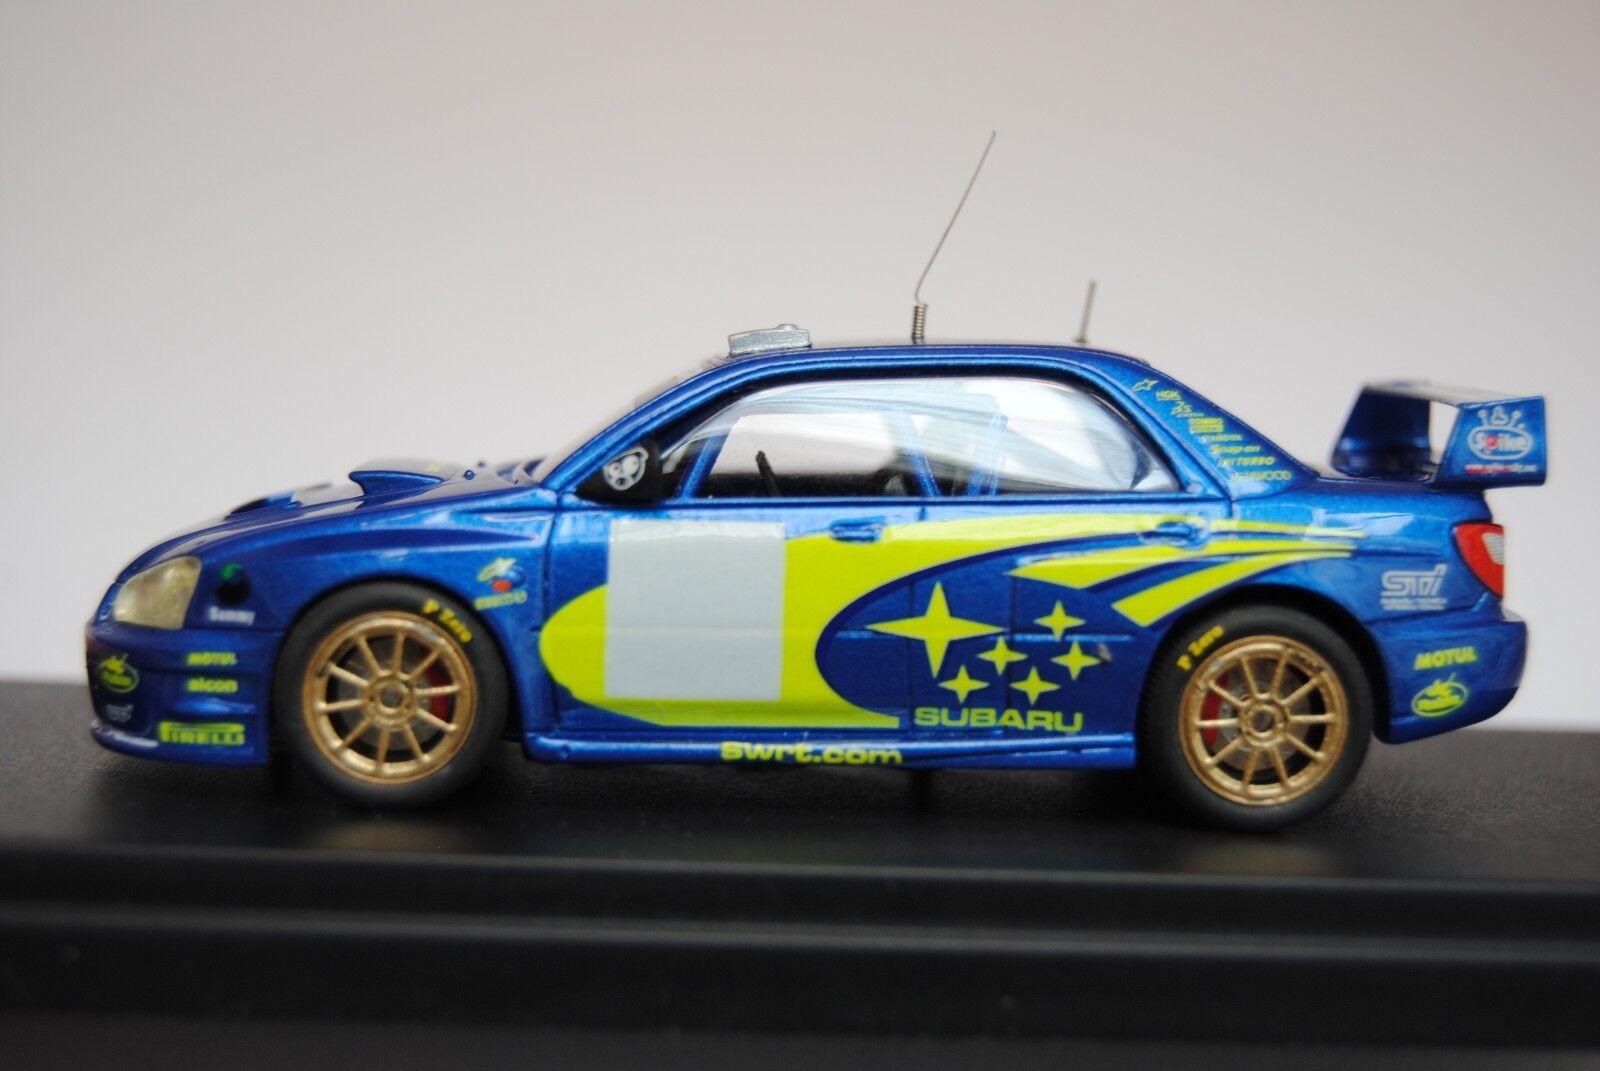 SUBARU IMPREZA WRC presentazione 2003 - Provence Moulage - built